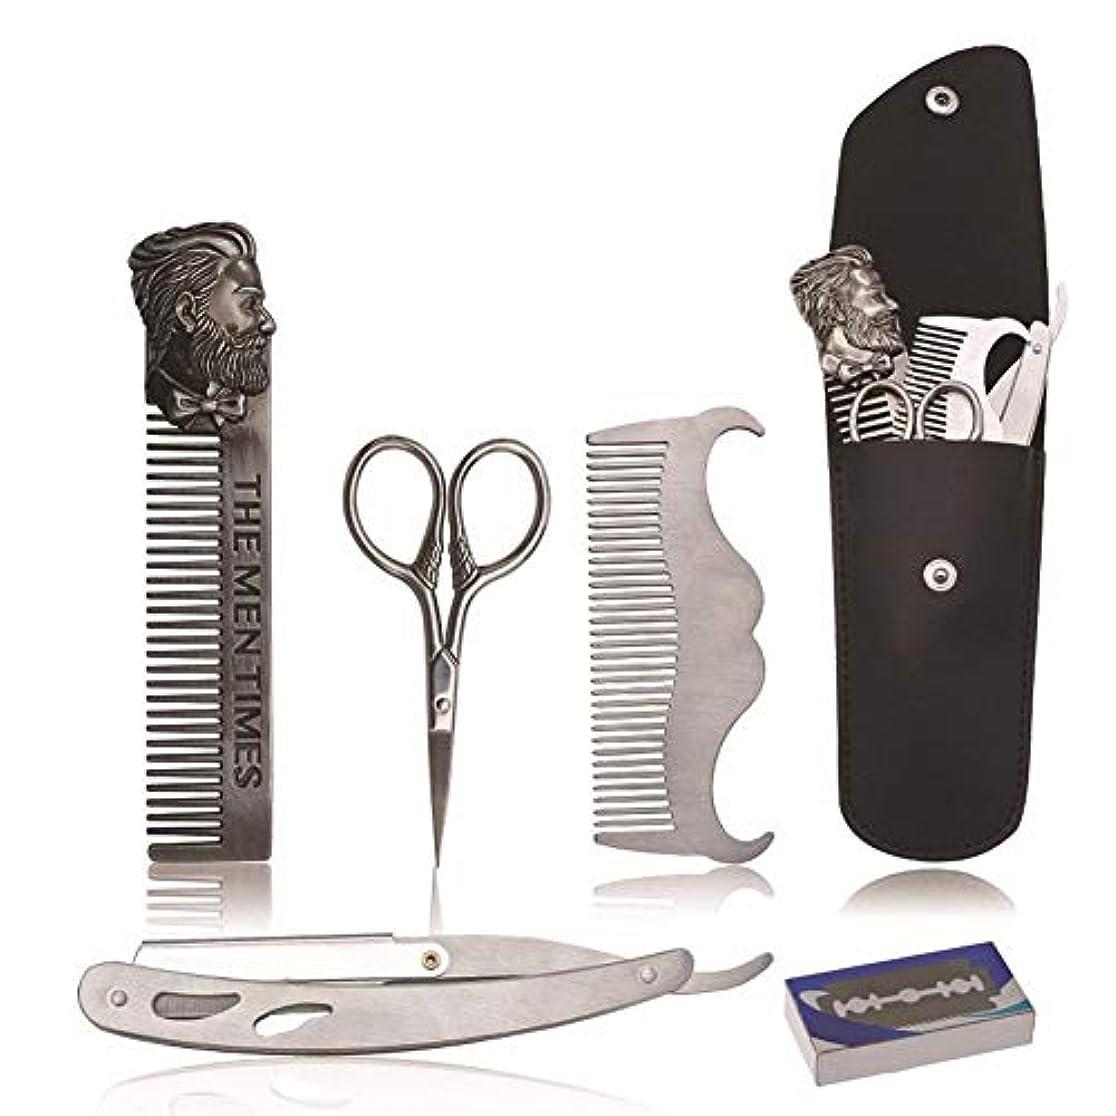 相反する回転する名前を作る5ピースは、男性Barttrimmsetのひげについてバートケアセットを設定すると、ひげの櫛ステンレス鋼、バートステンシルトリムスタイリングツール、ひげコムBartpflegesetを剃ります